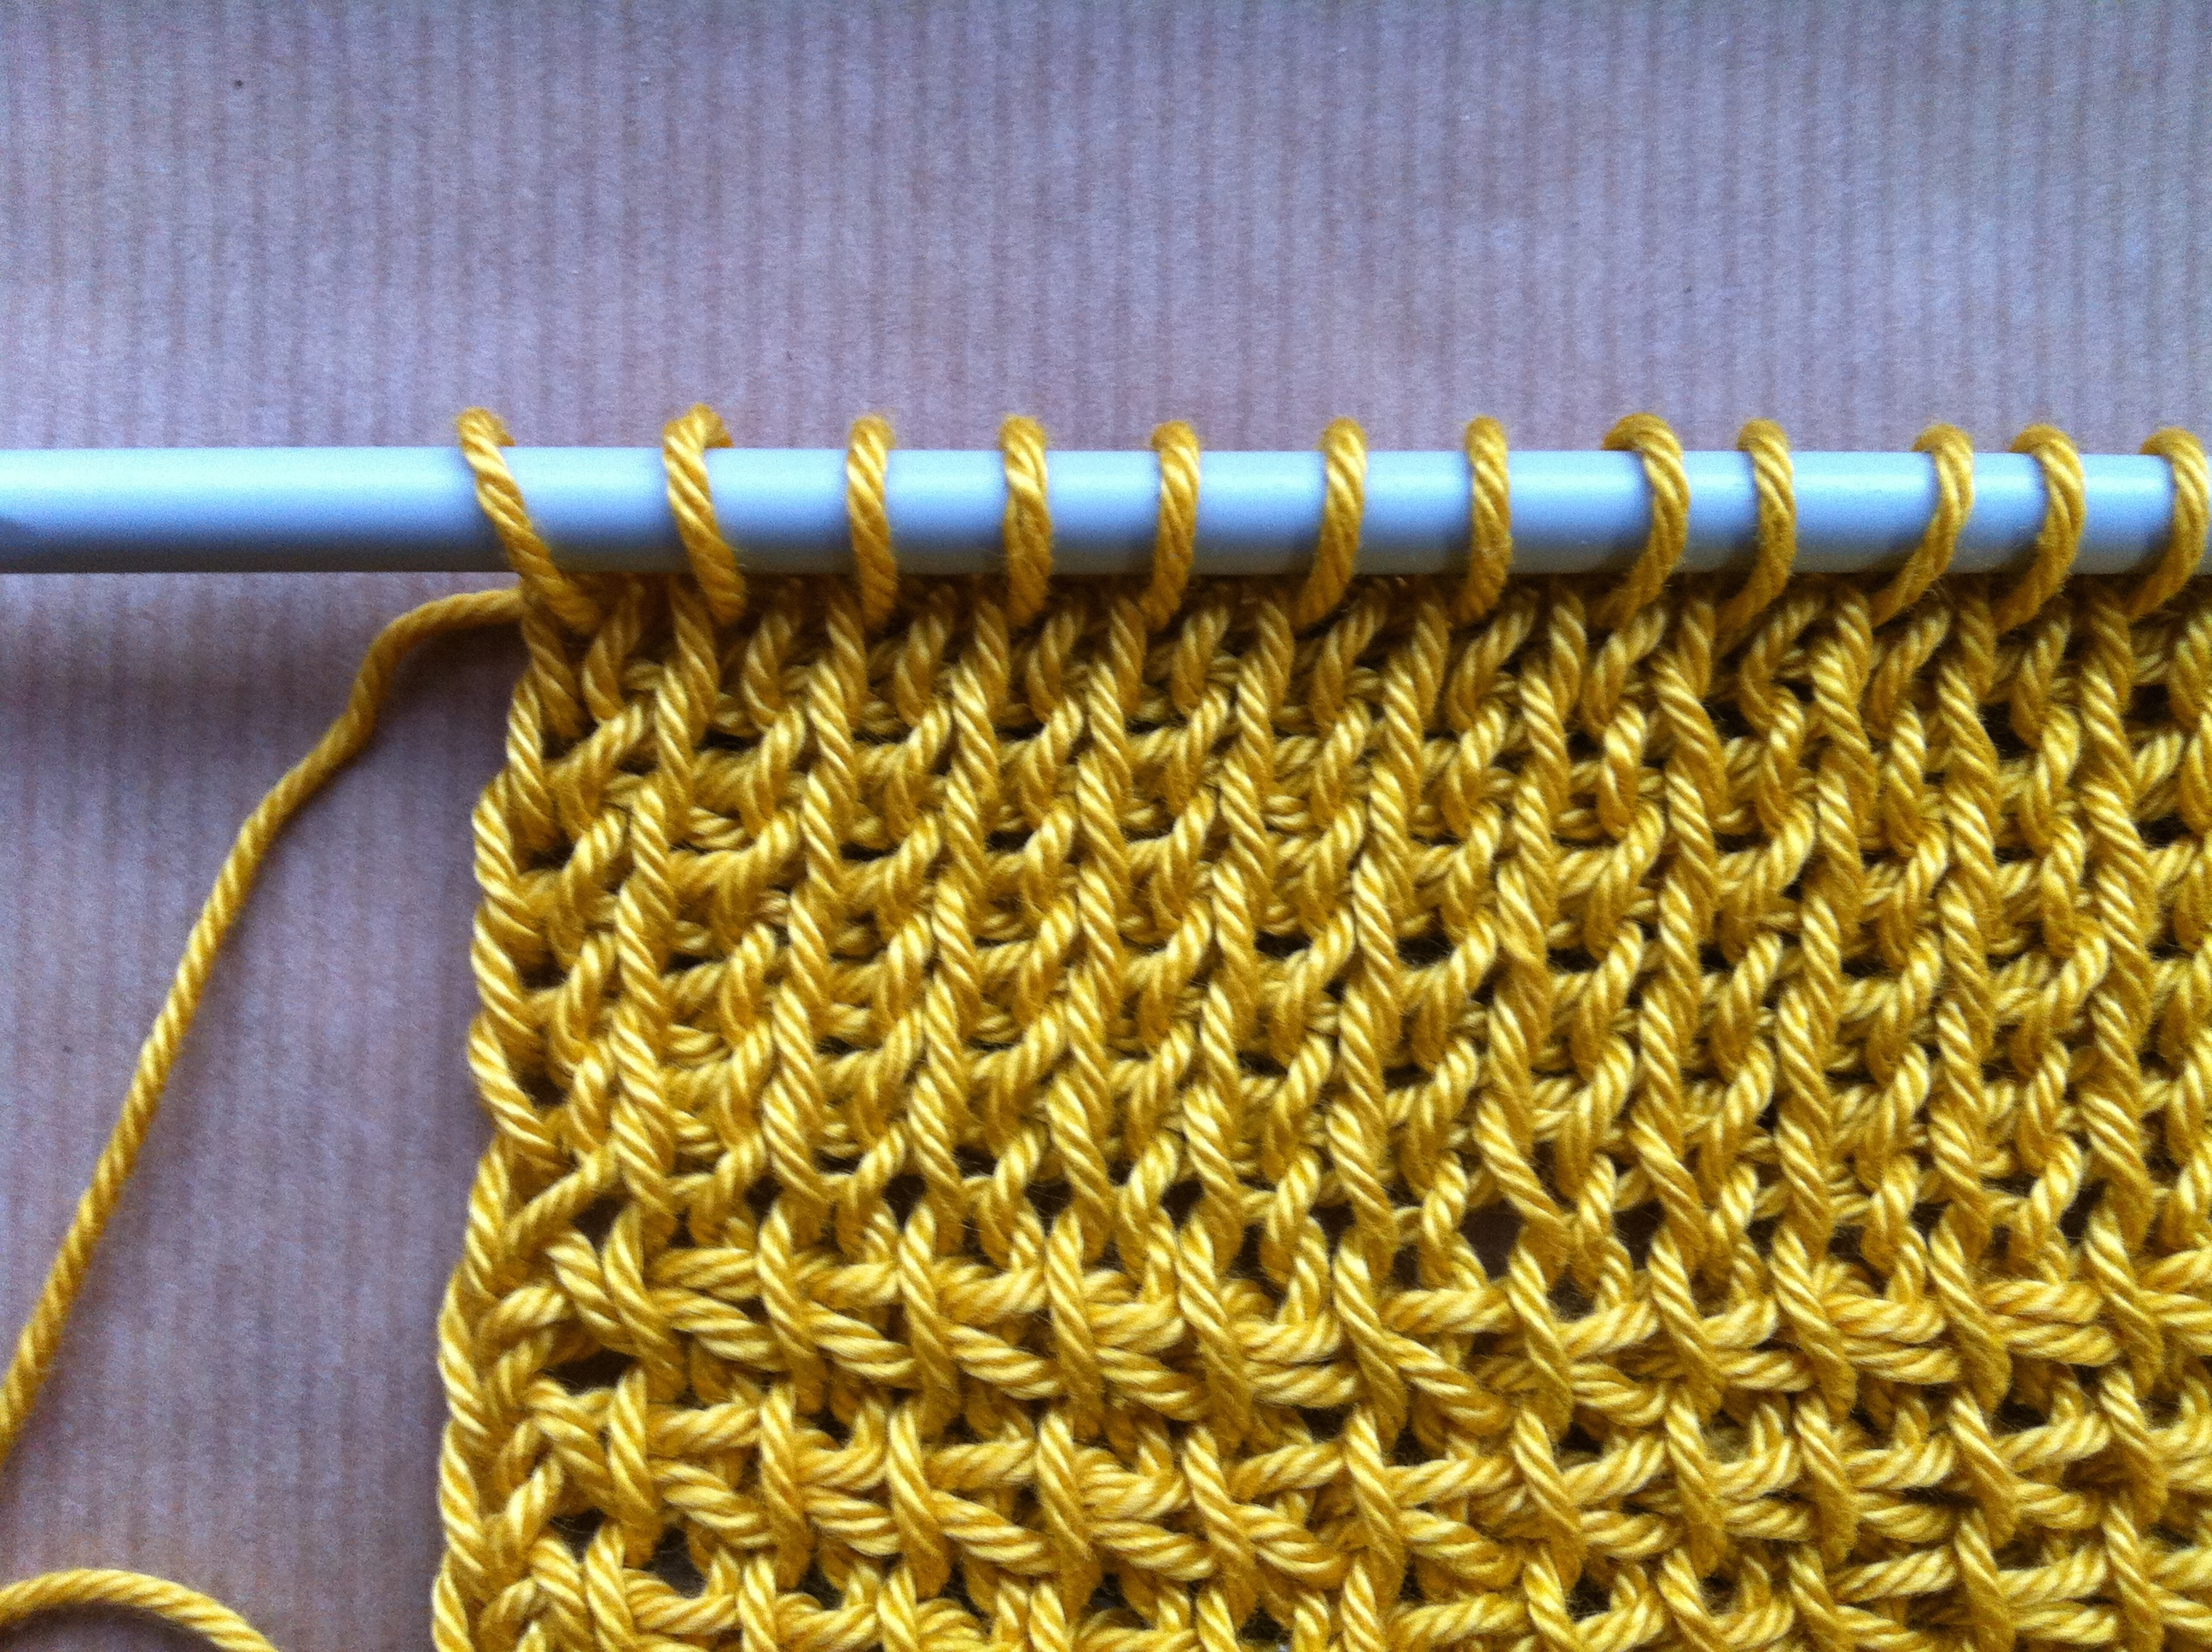 барокко тунисское вязание пошагово фото правда, хороша она